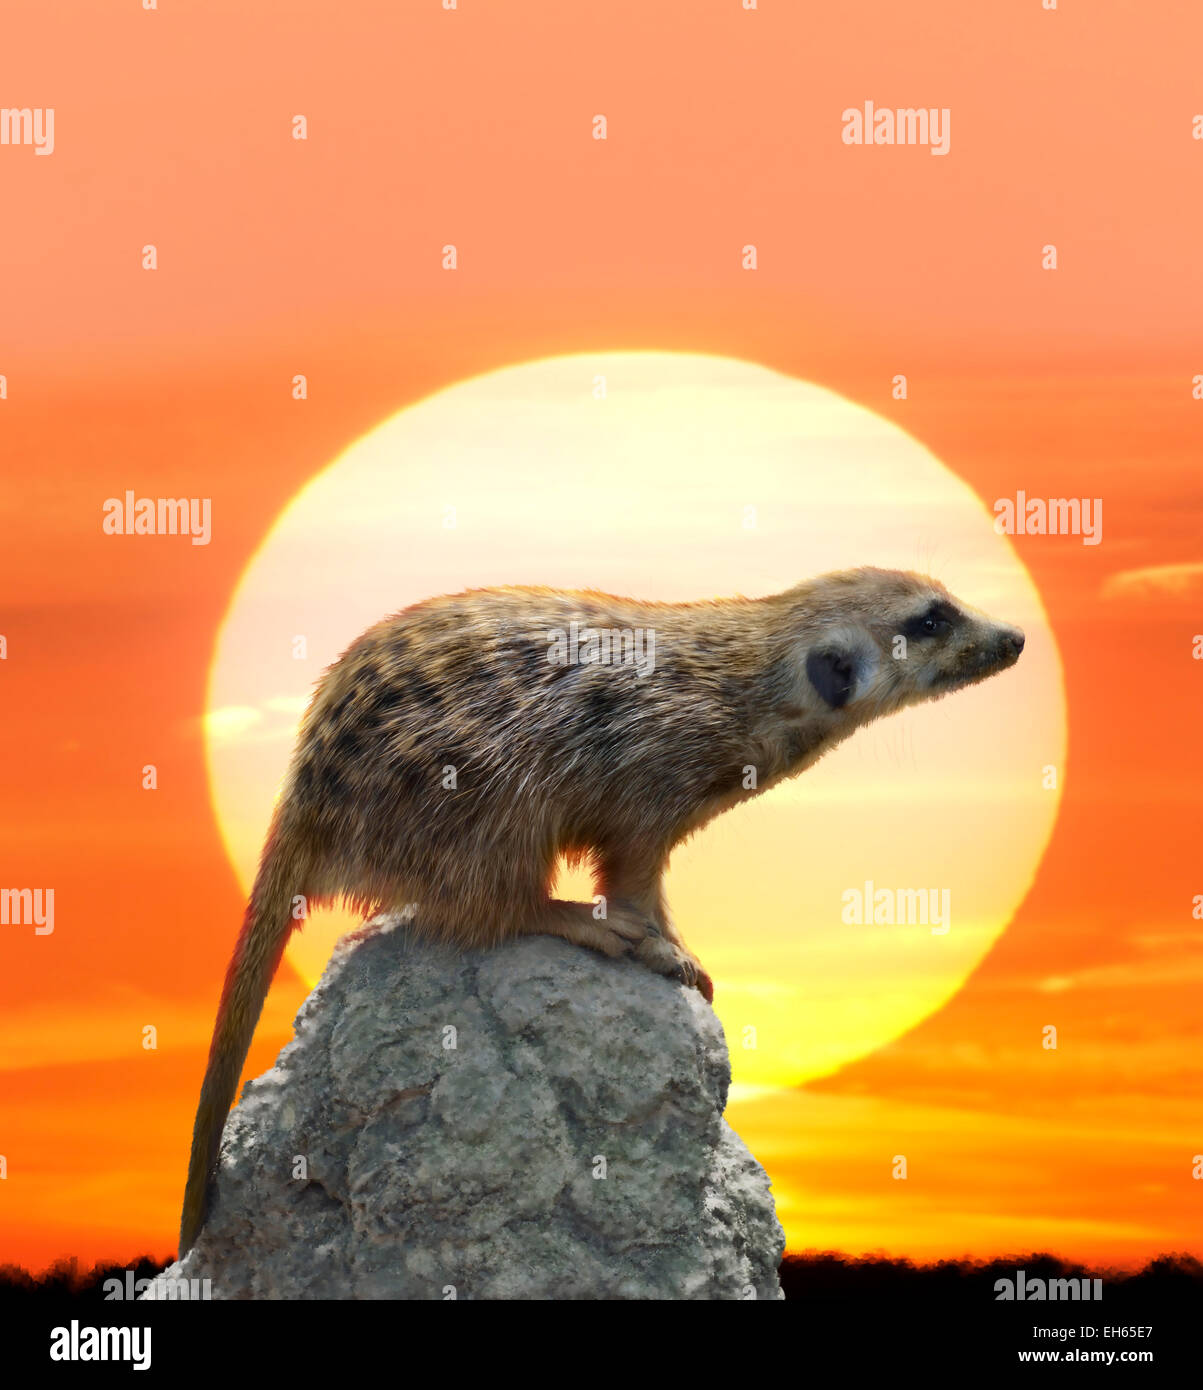 Peinture numérique de Meerkat contre Coucher du Soleil Photo Stock